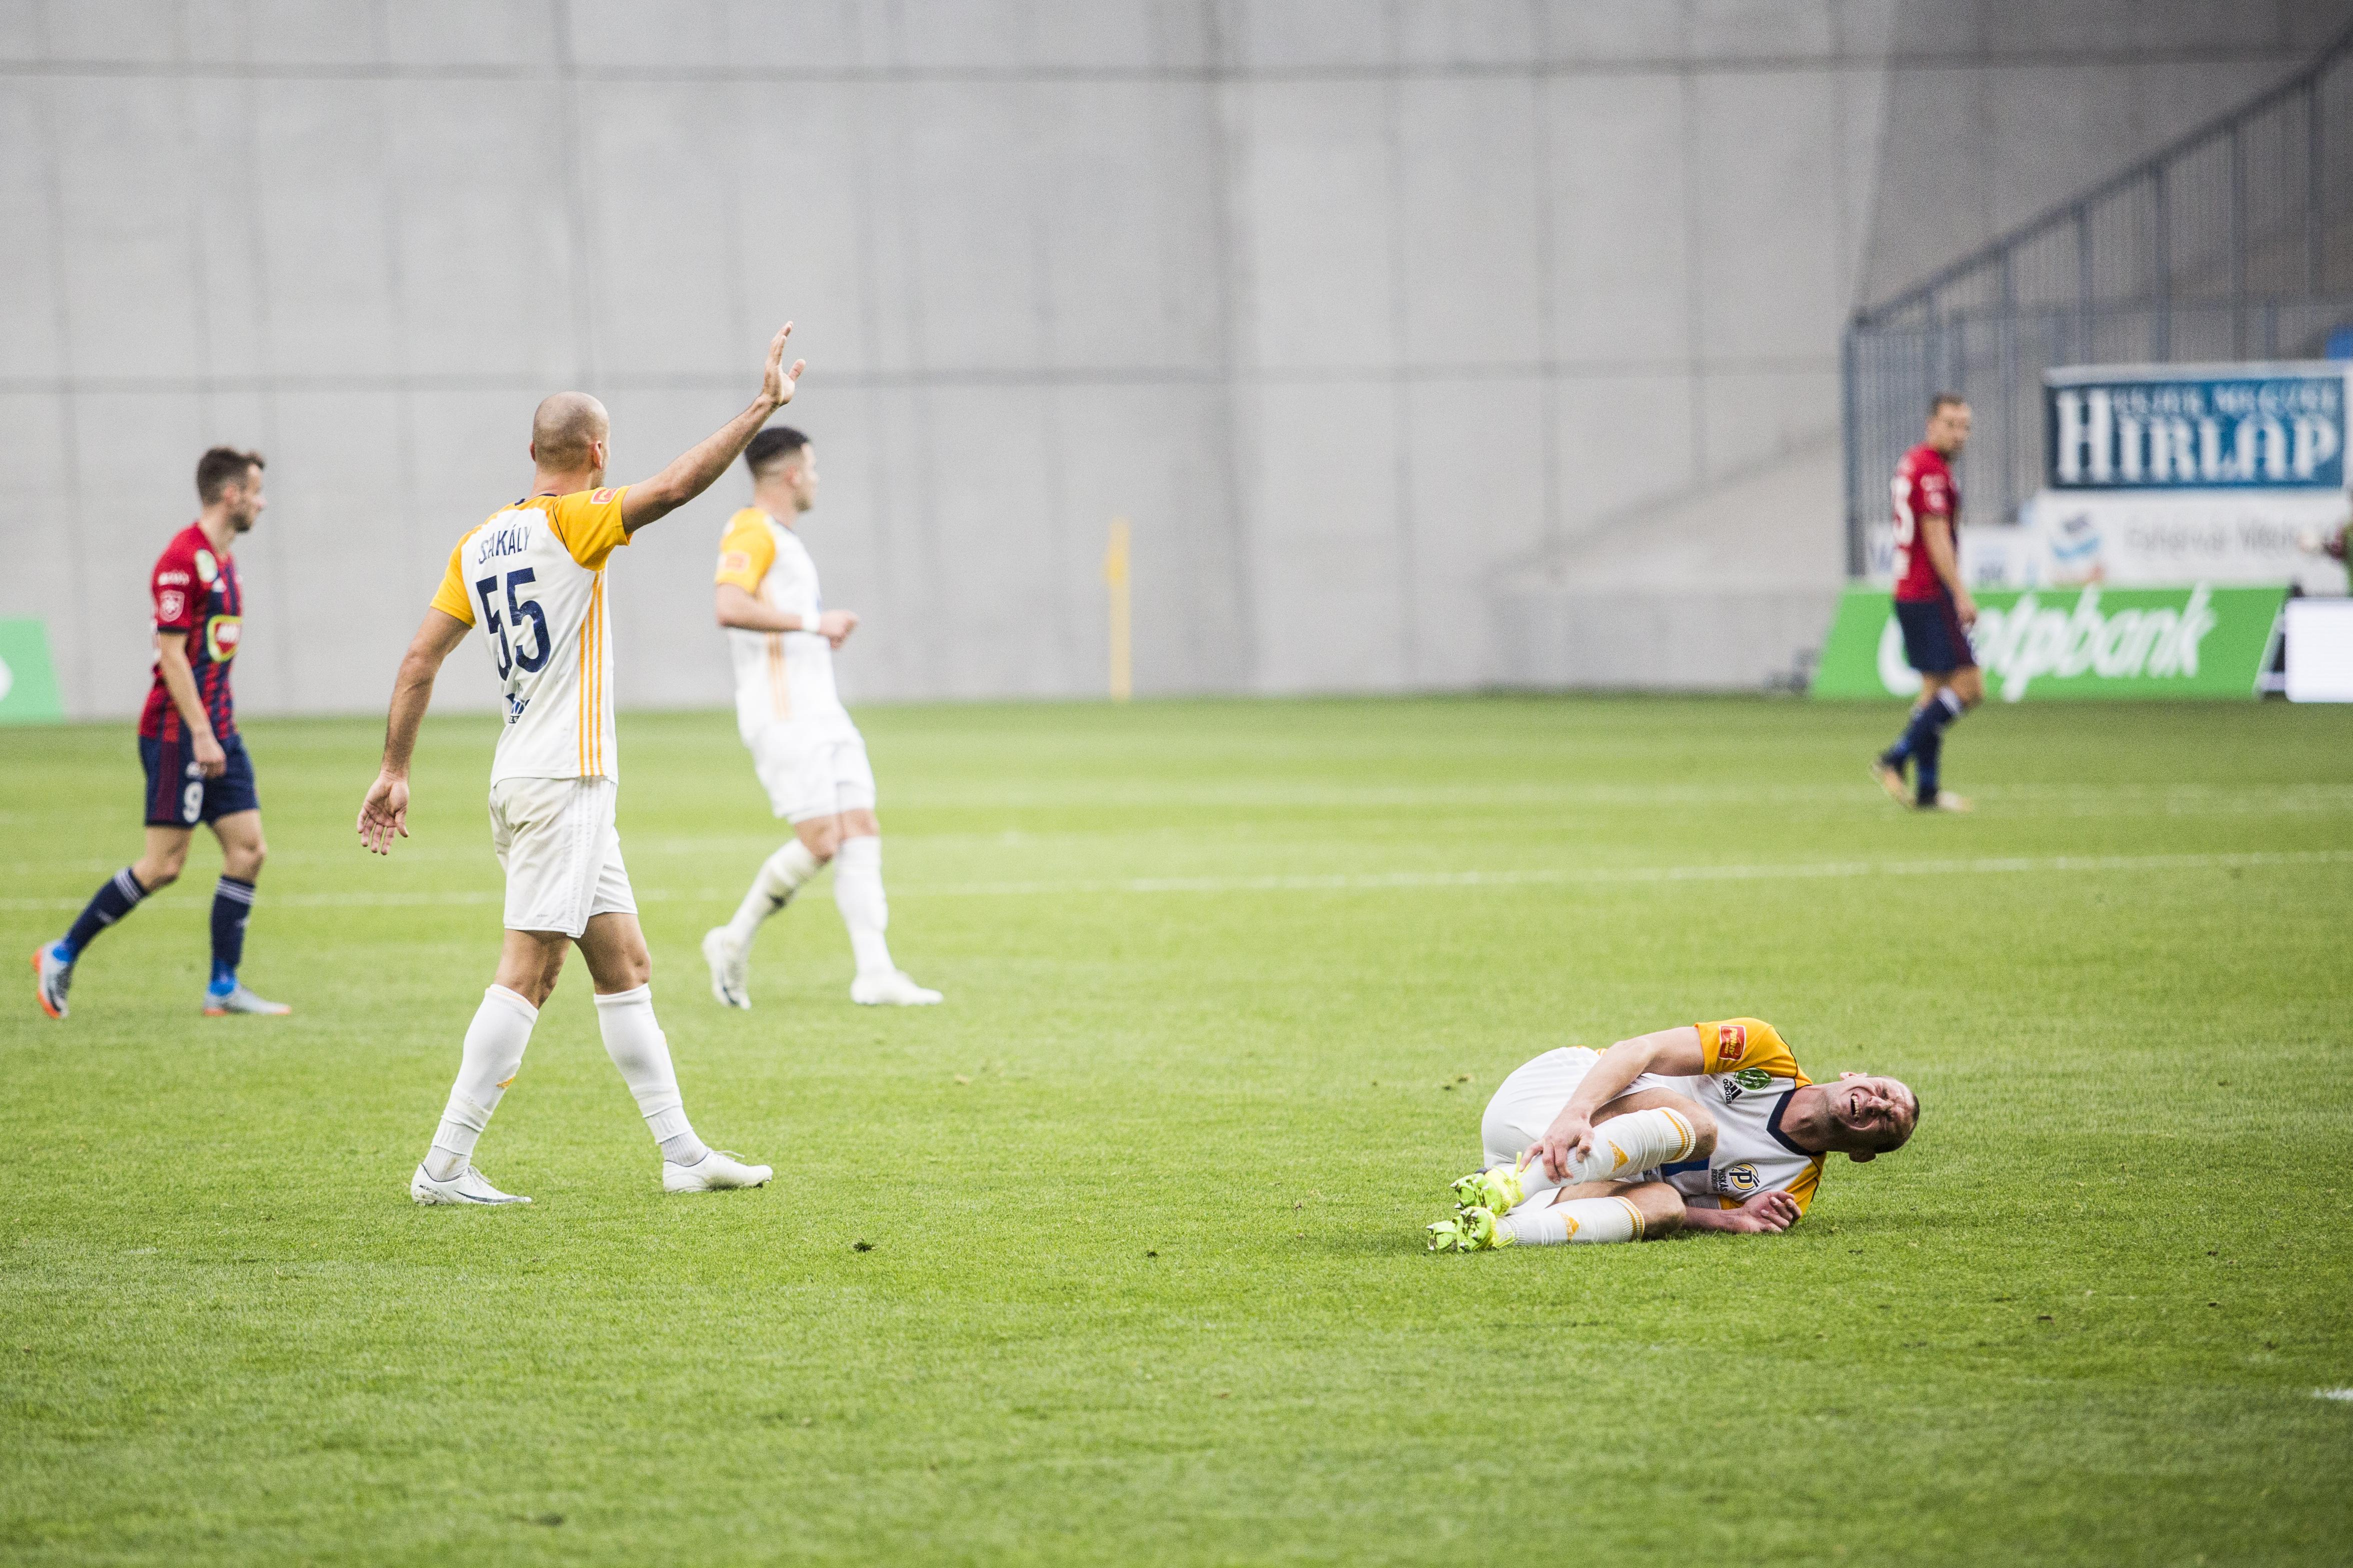 A Puskás Akadémia megígérte a svédeknek, hogy lesz meccs, de nem tudni, kik játszanak majd